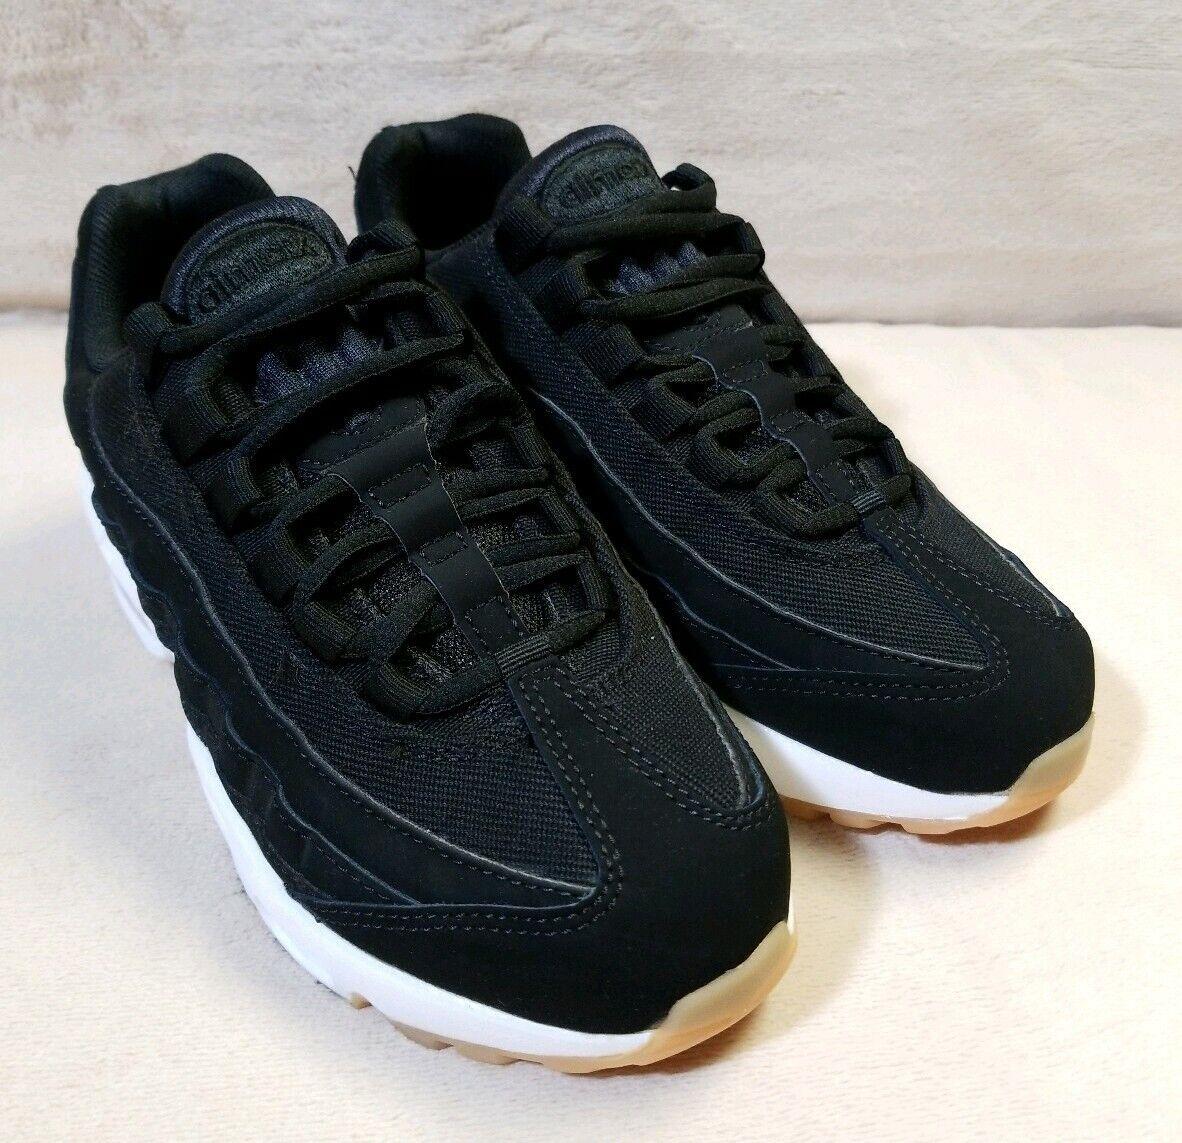 Nike Air Max 95 OG Black Anthracite Gum Women's Running 307960-017 Size 6